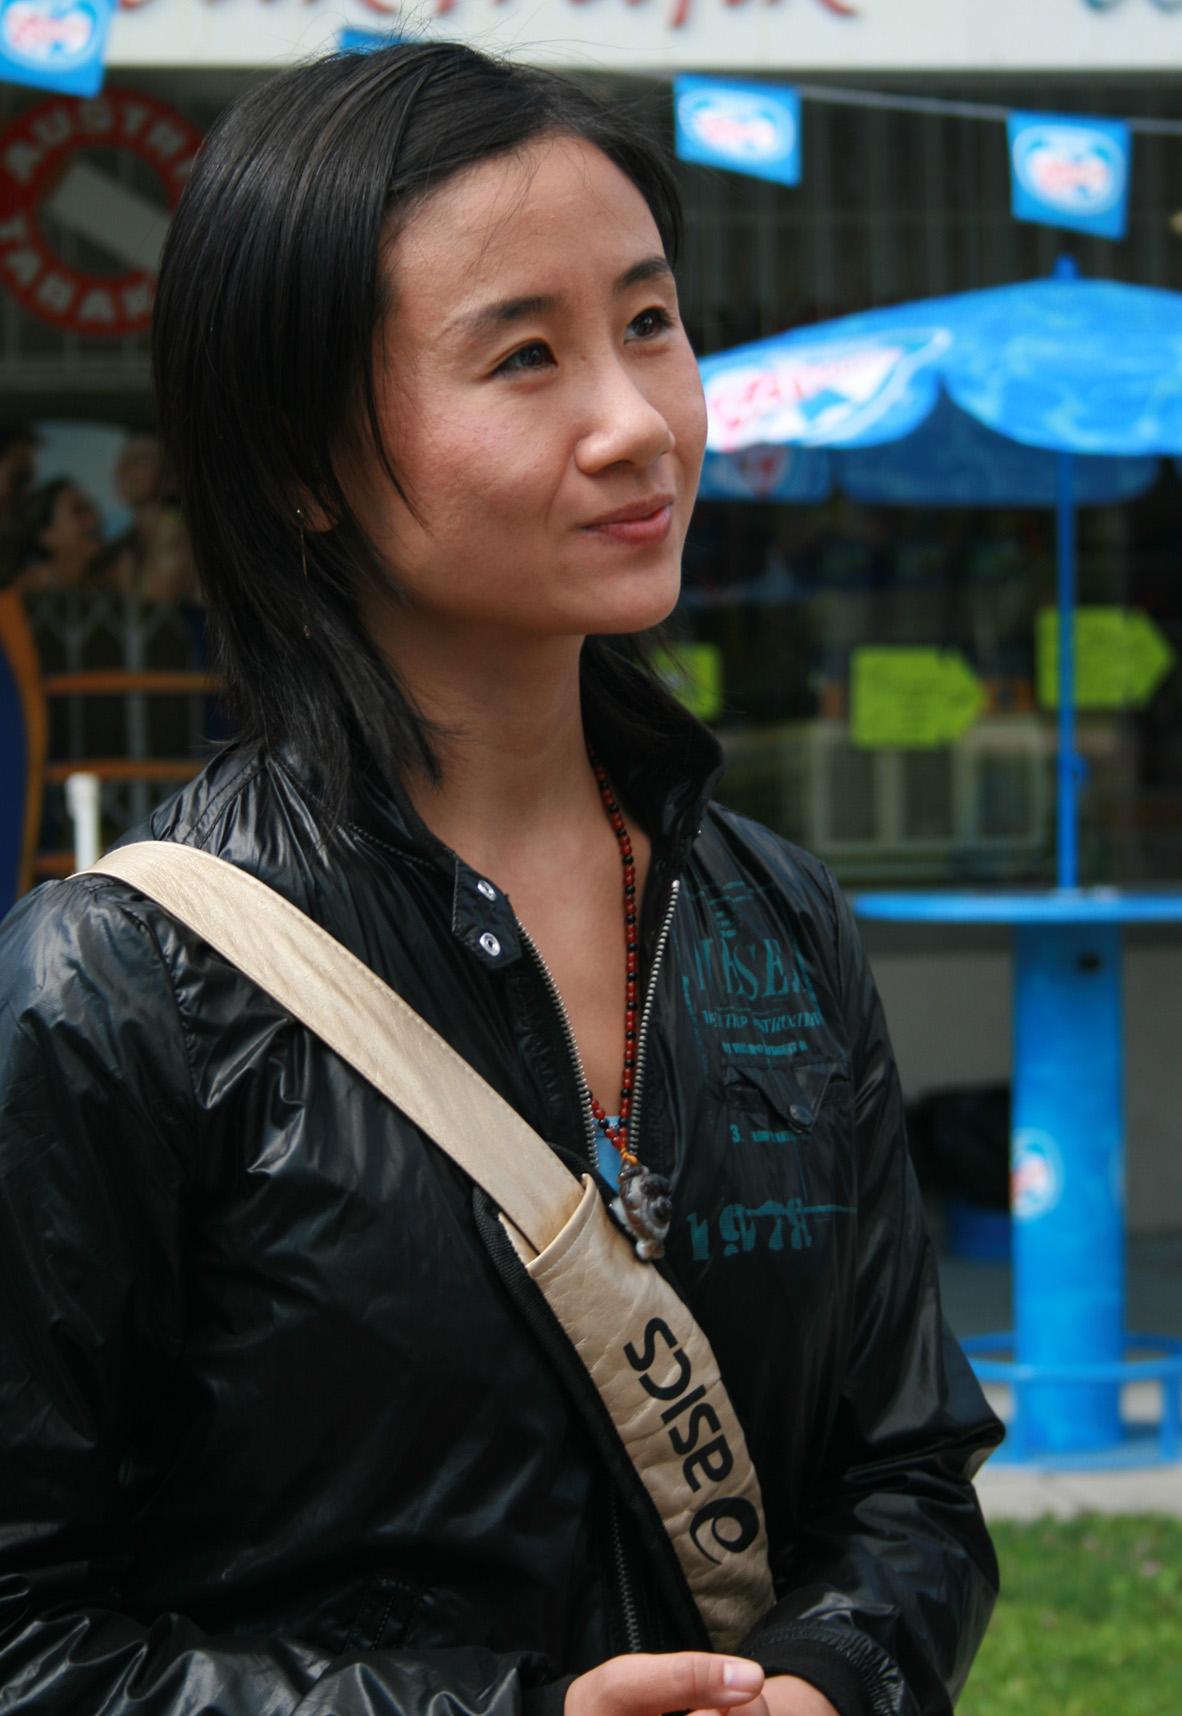 Liu Jia in [[Vienna]], Austria in 2008